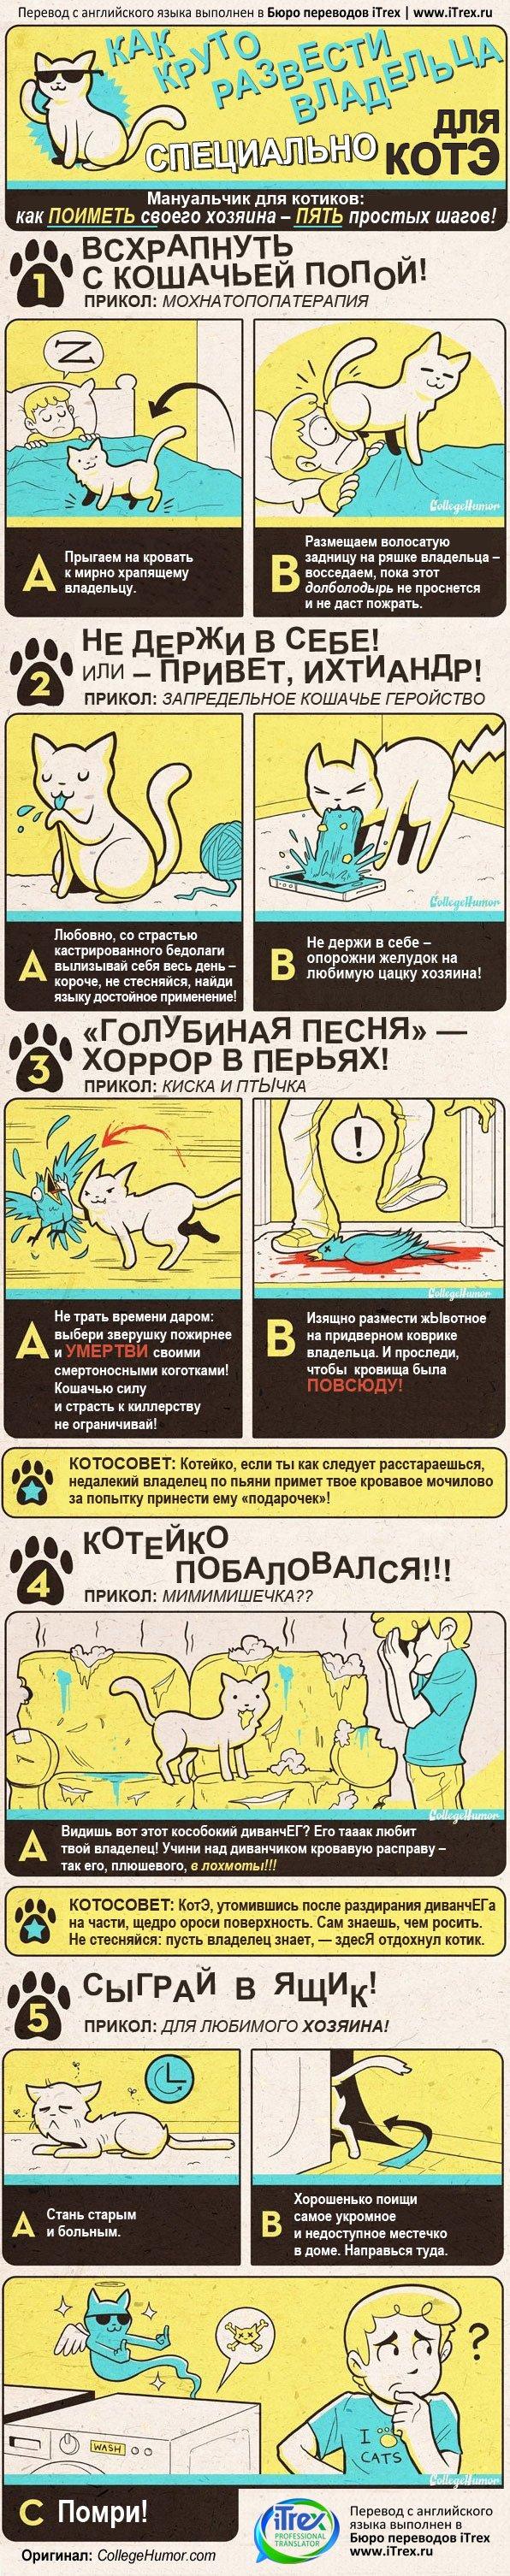 Бюро переводов iTrex. Перевод инфографики: 5 советов для котиков